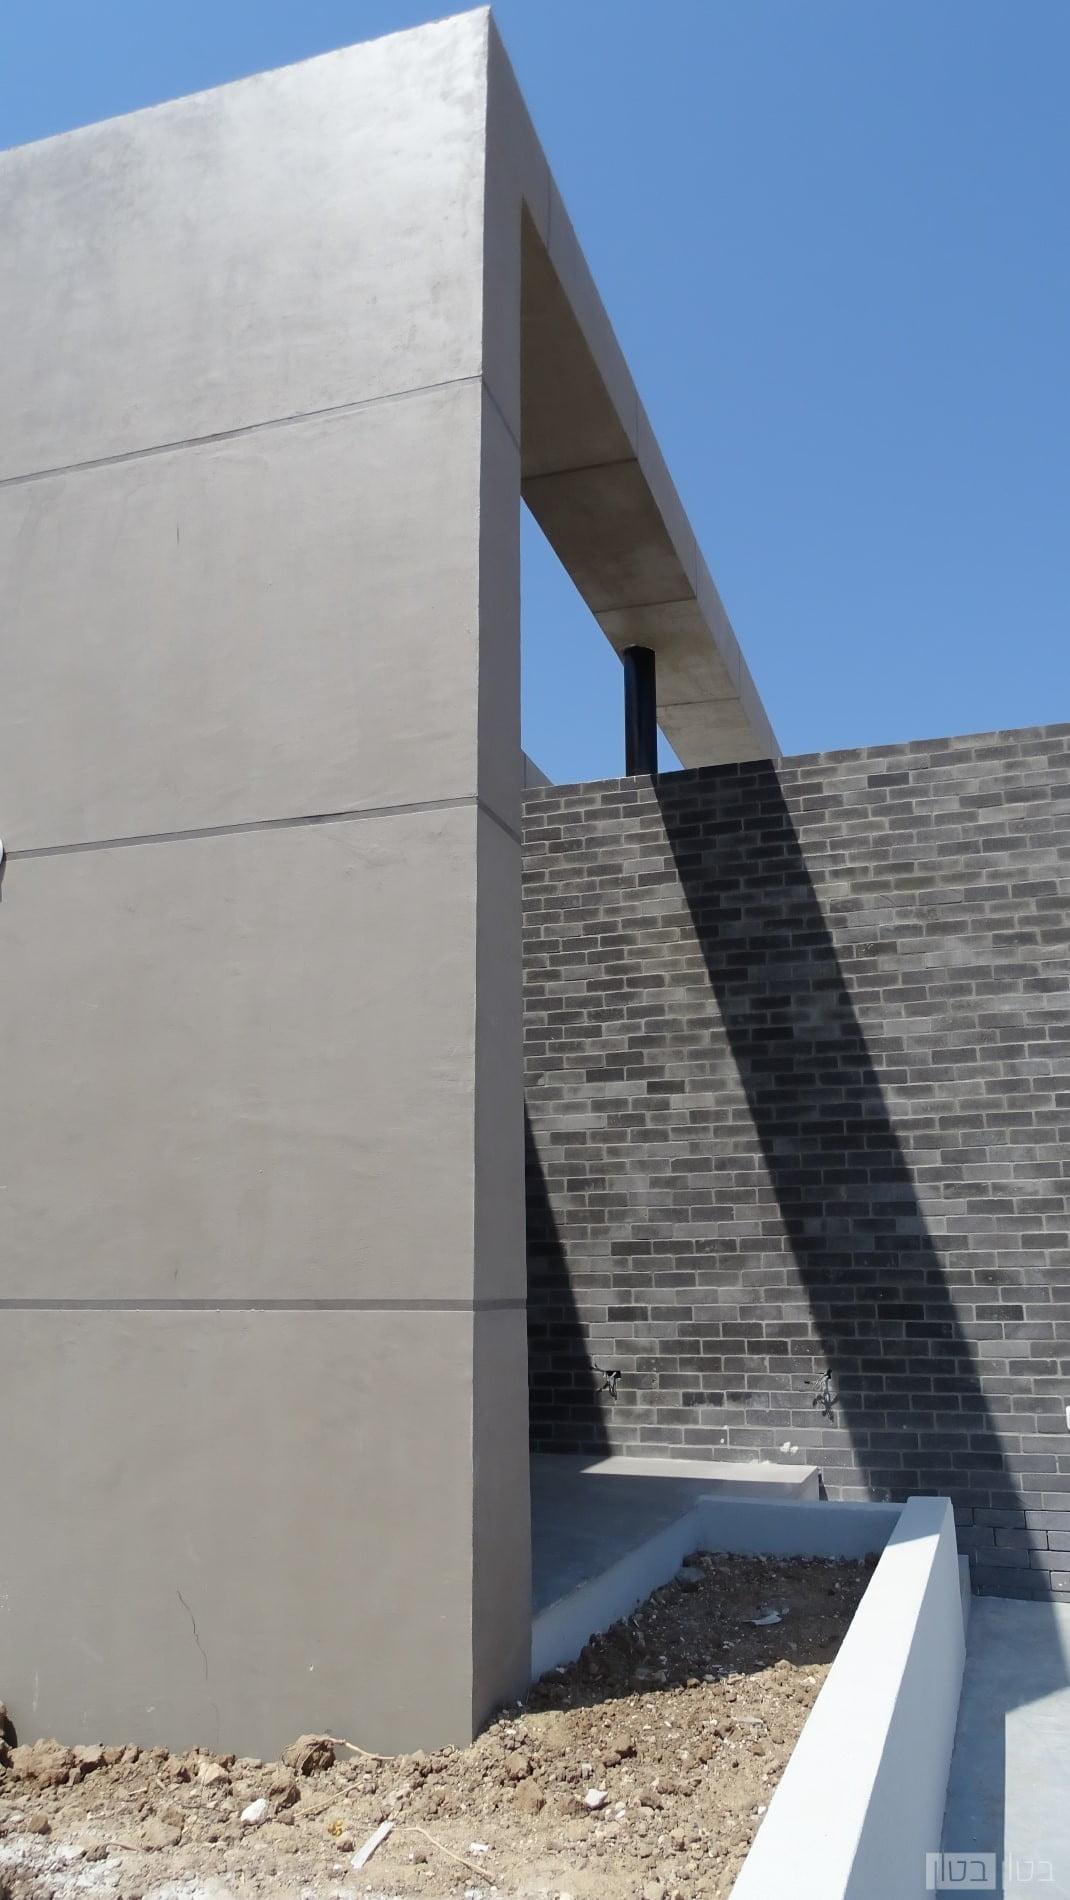 חיפוי בטון אדריכלי חיצוני קל משקל